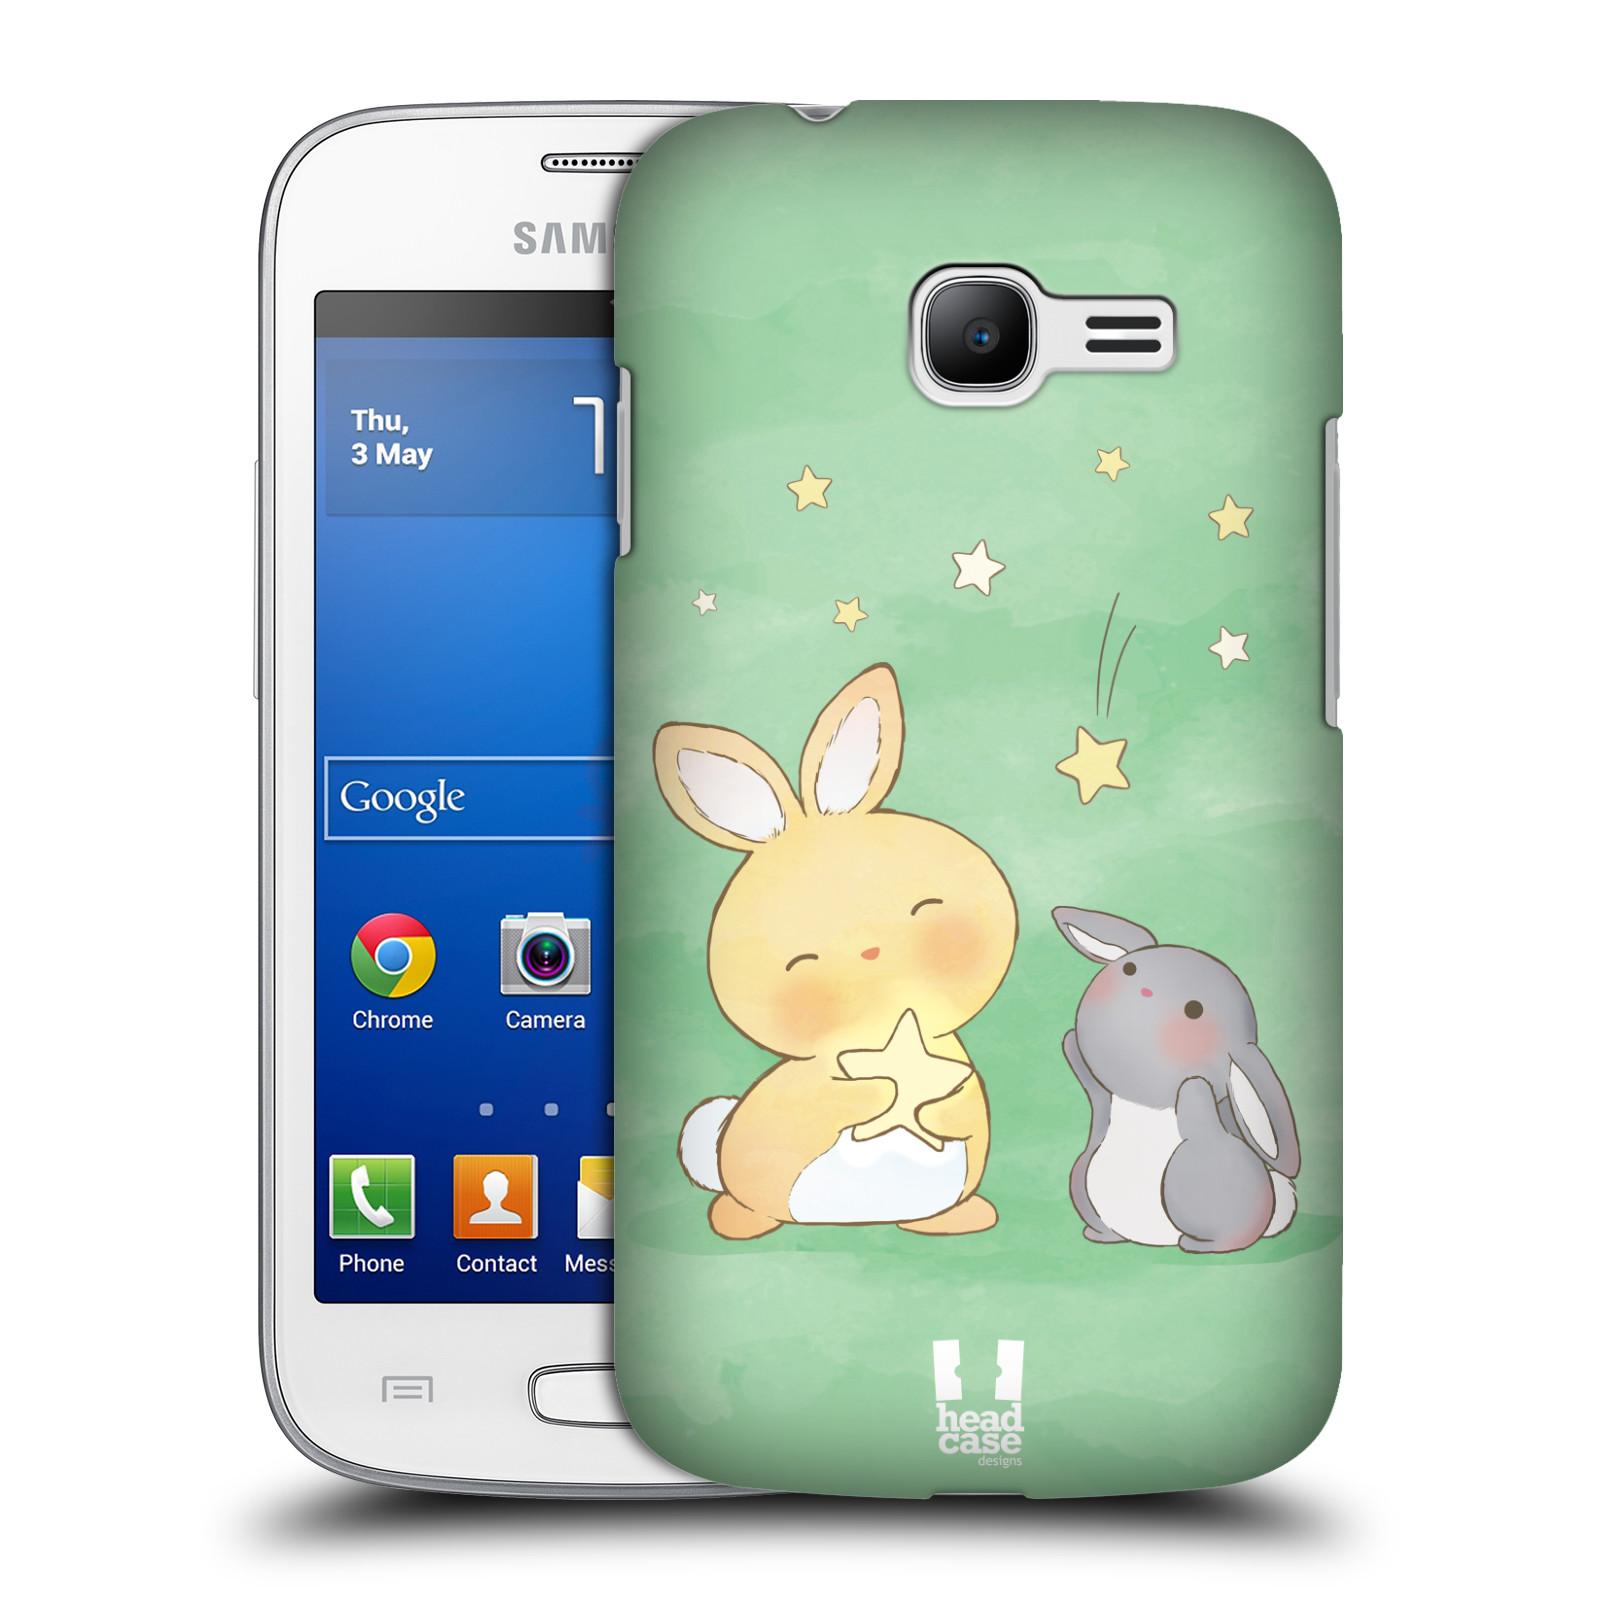 HEAD CASE plastový obal na mobil SAMSUNG GALAXY Star Pro S7260/S7262 DUOS vzor králíček a hvězdy zelená